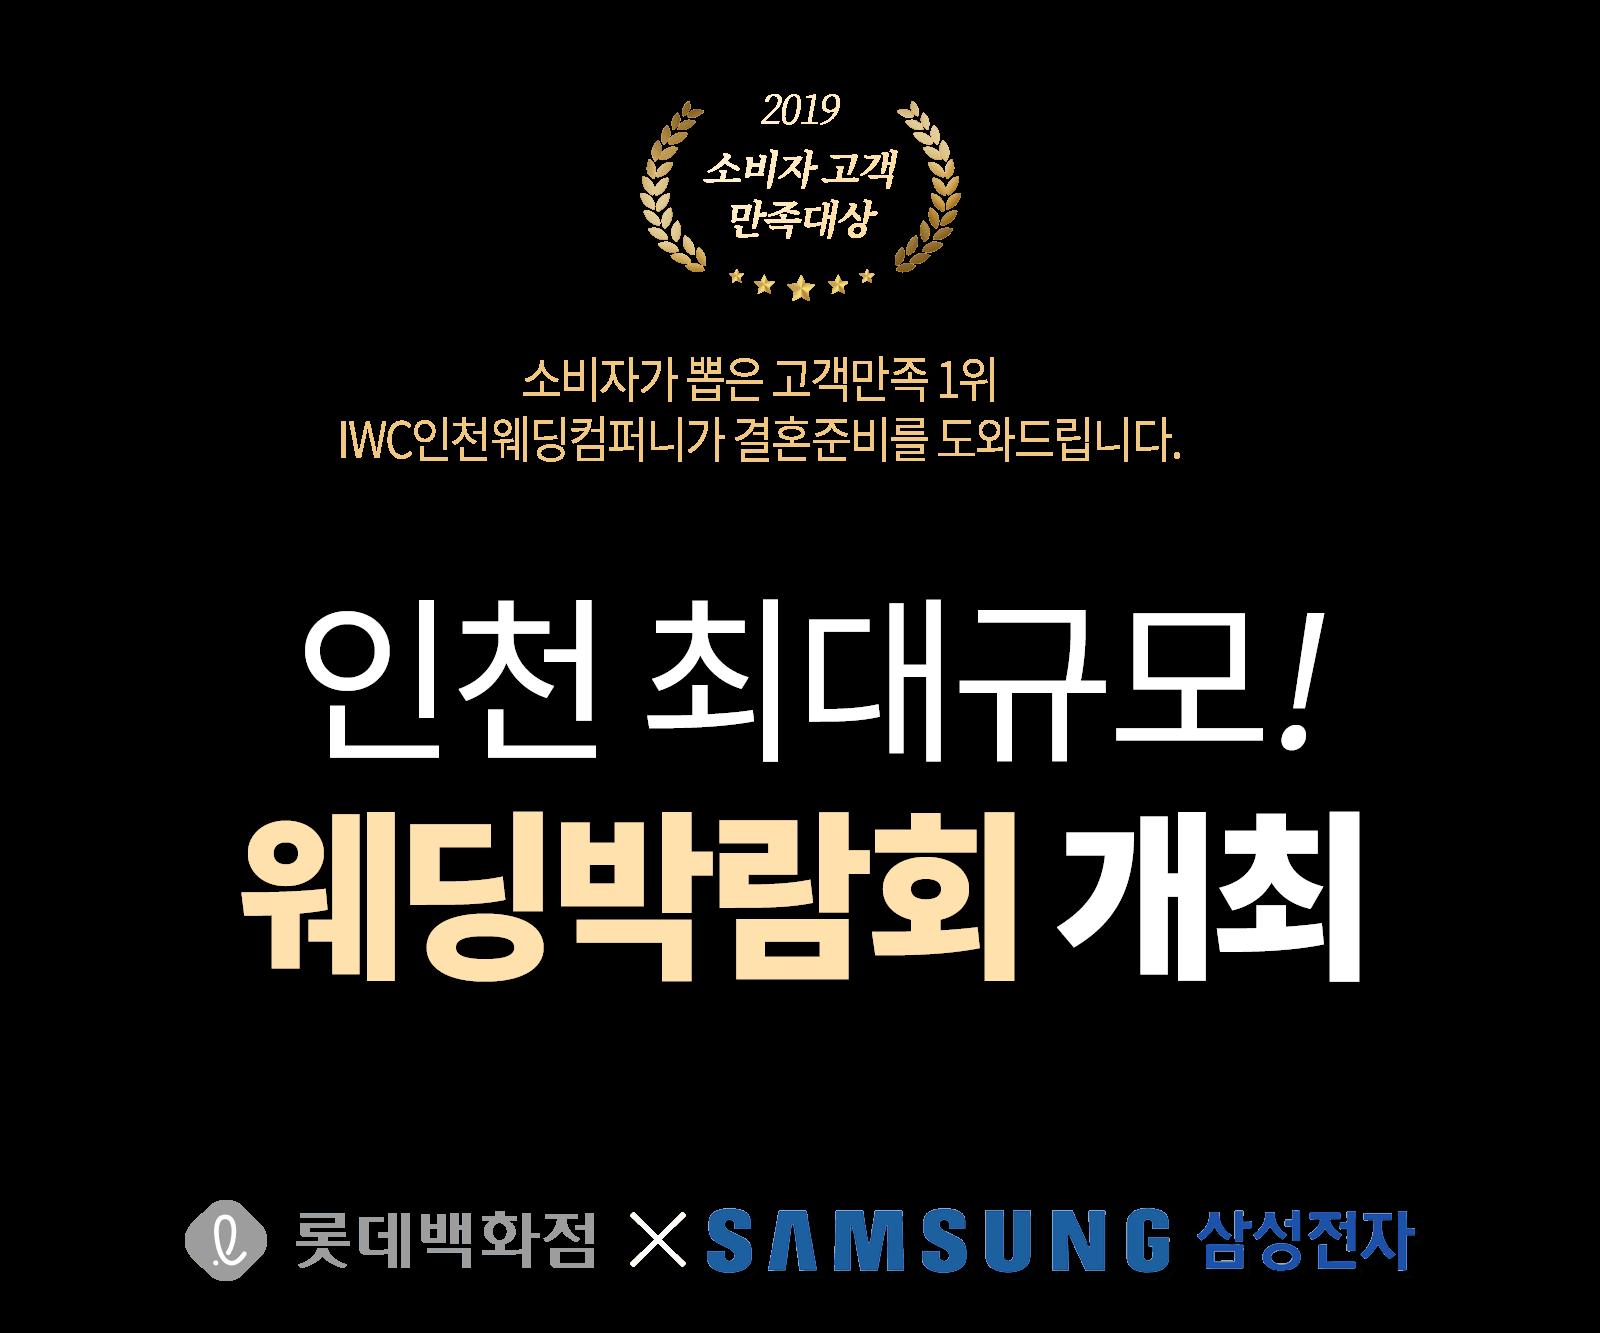 인천 최대규모 웨딩박람회 개최